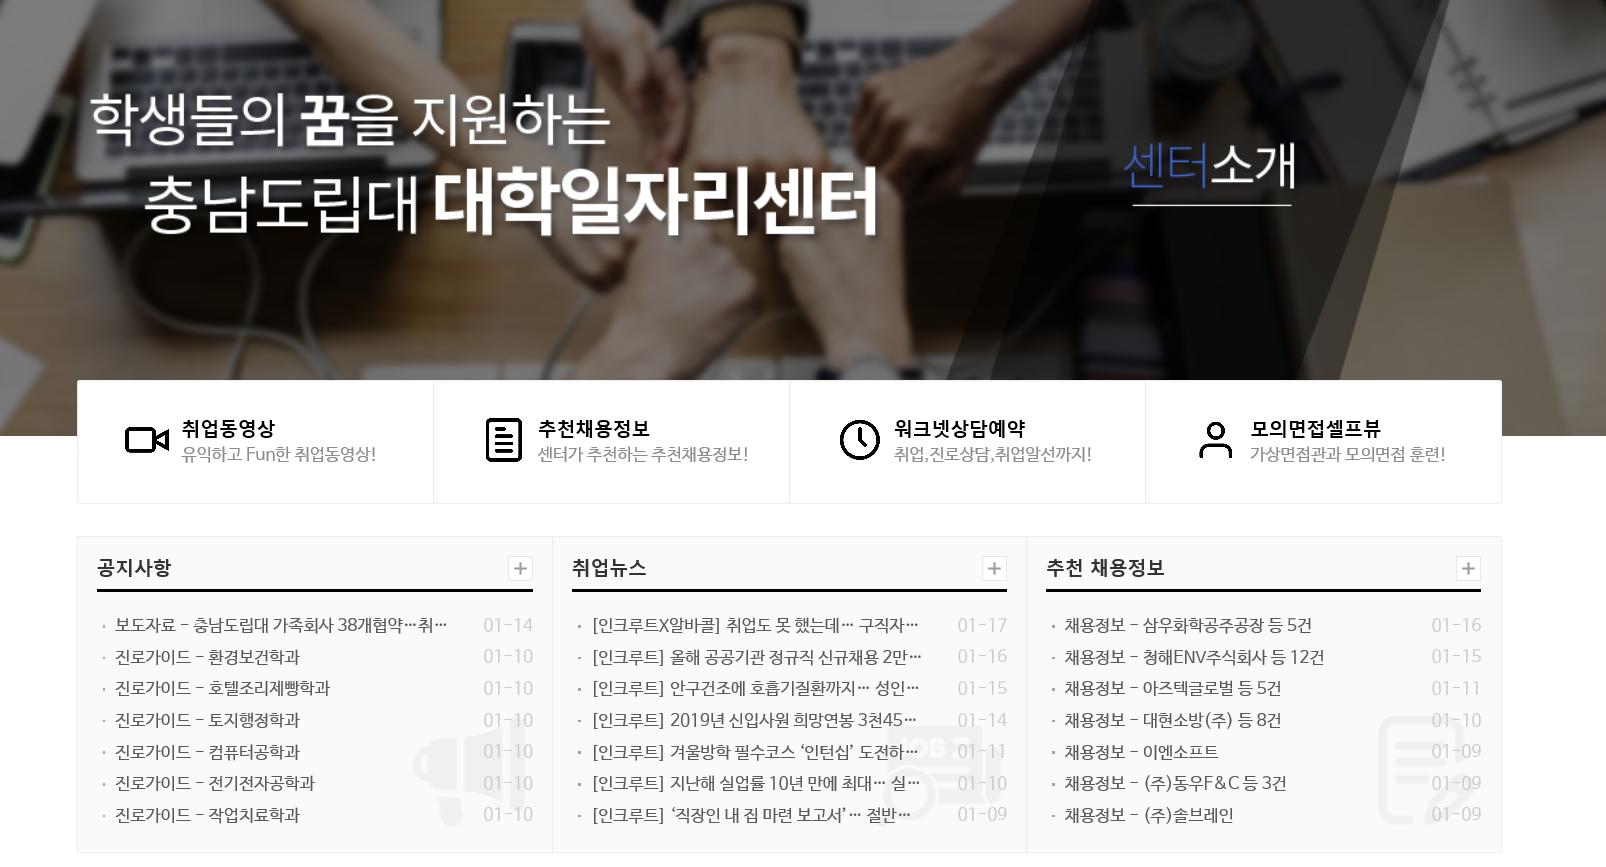 충남도립대 일자리홈페이지 개설, 충남청년 취업활동 '지원'